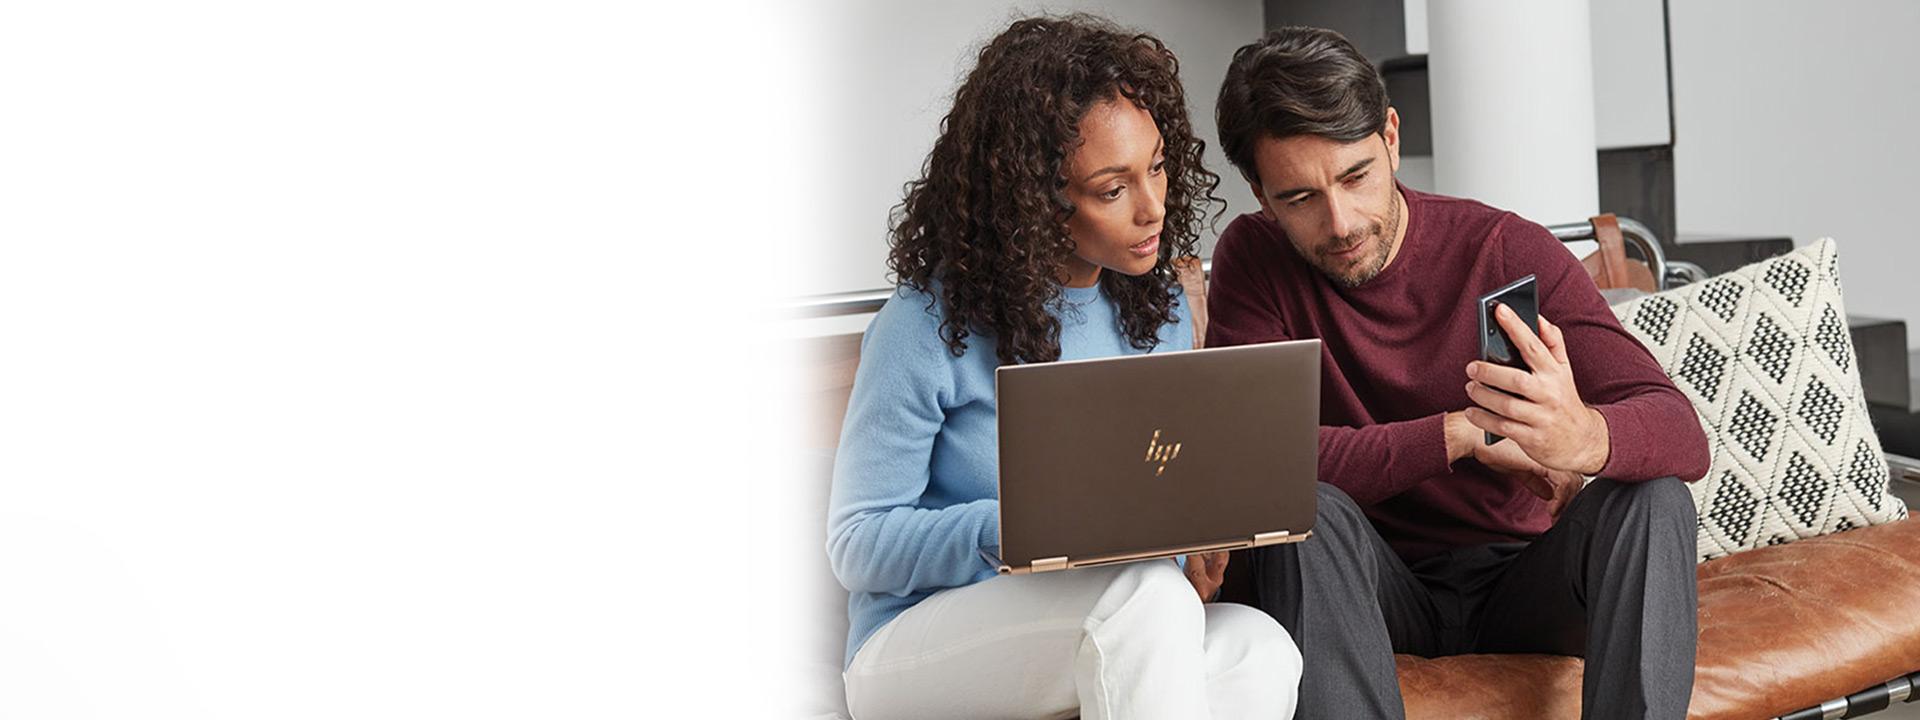 Kanepede otururken birlikte Windows 10 dizüstü bilgisayar ve mobil cihaza bakan bir kadın ve adam